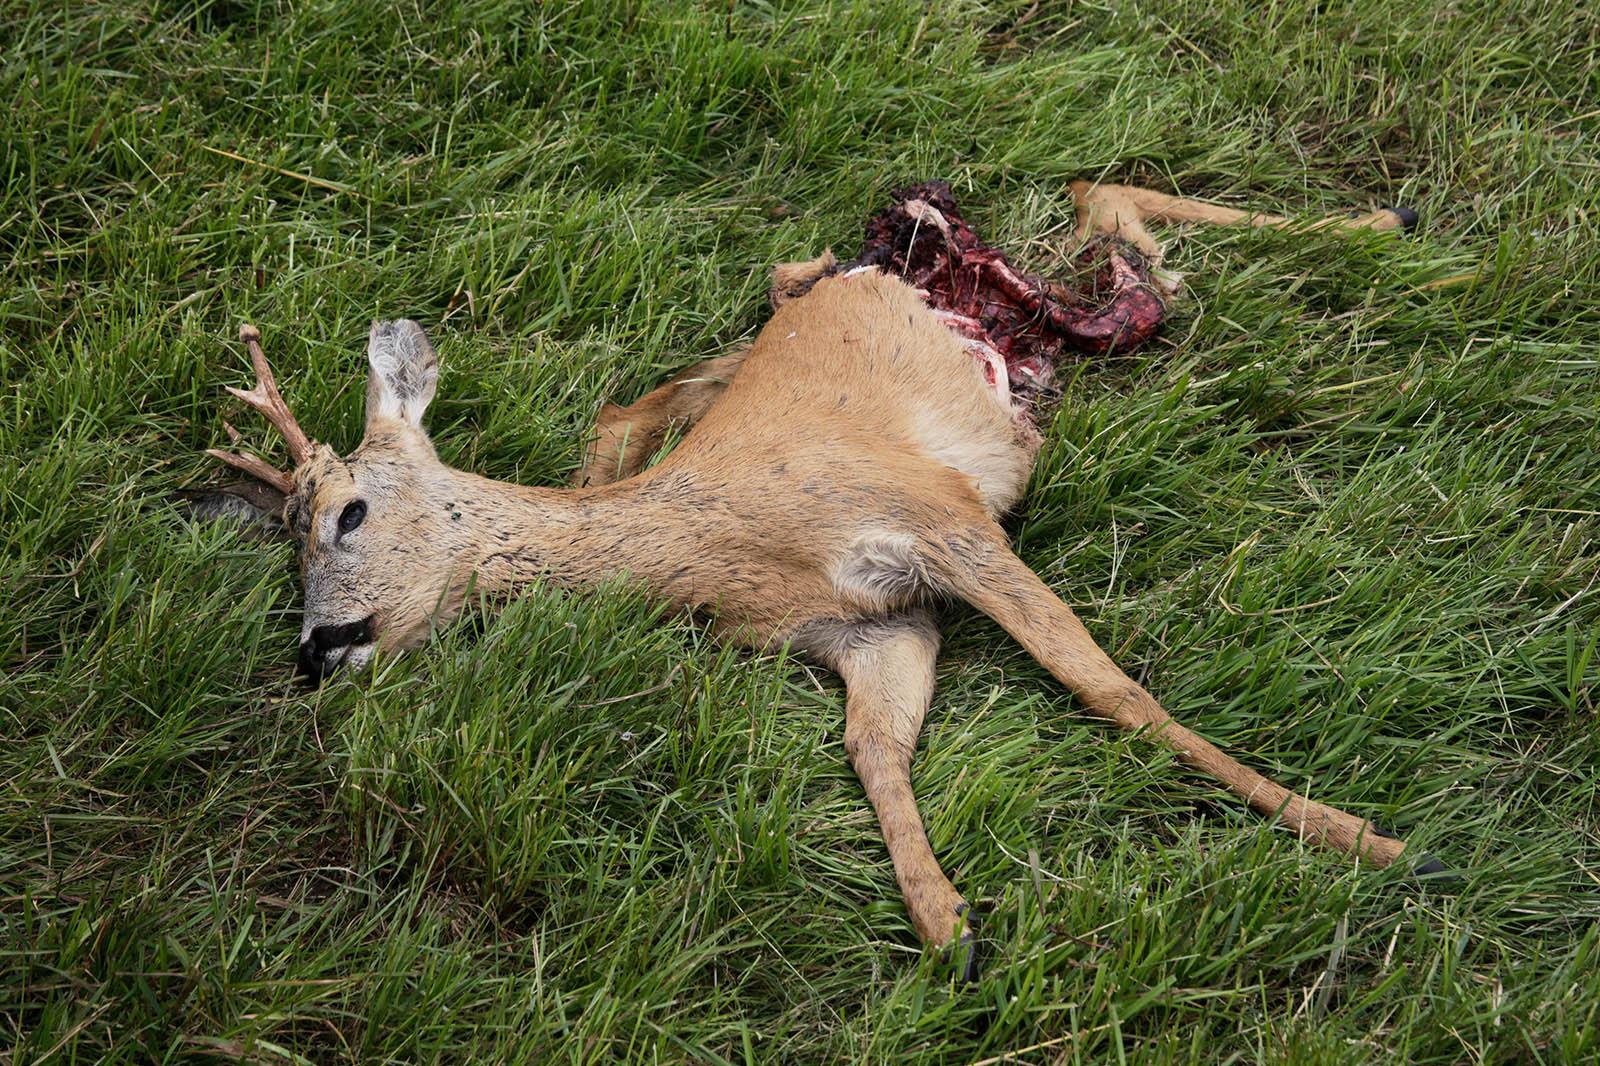 Die Jagd – unnötig, kontraproduktiv und grausam